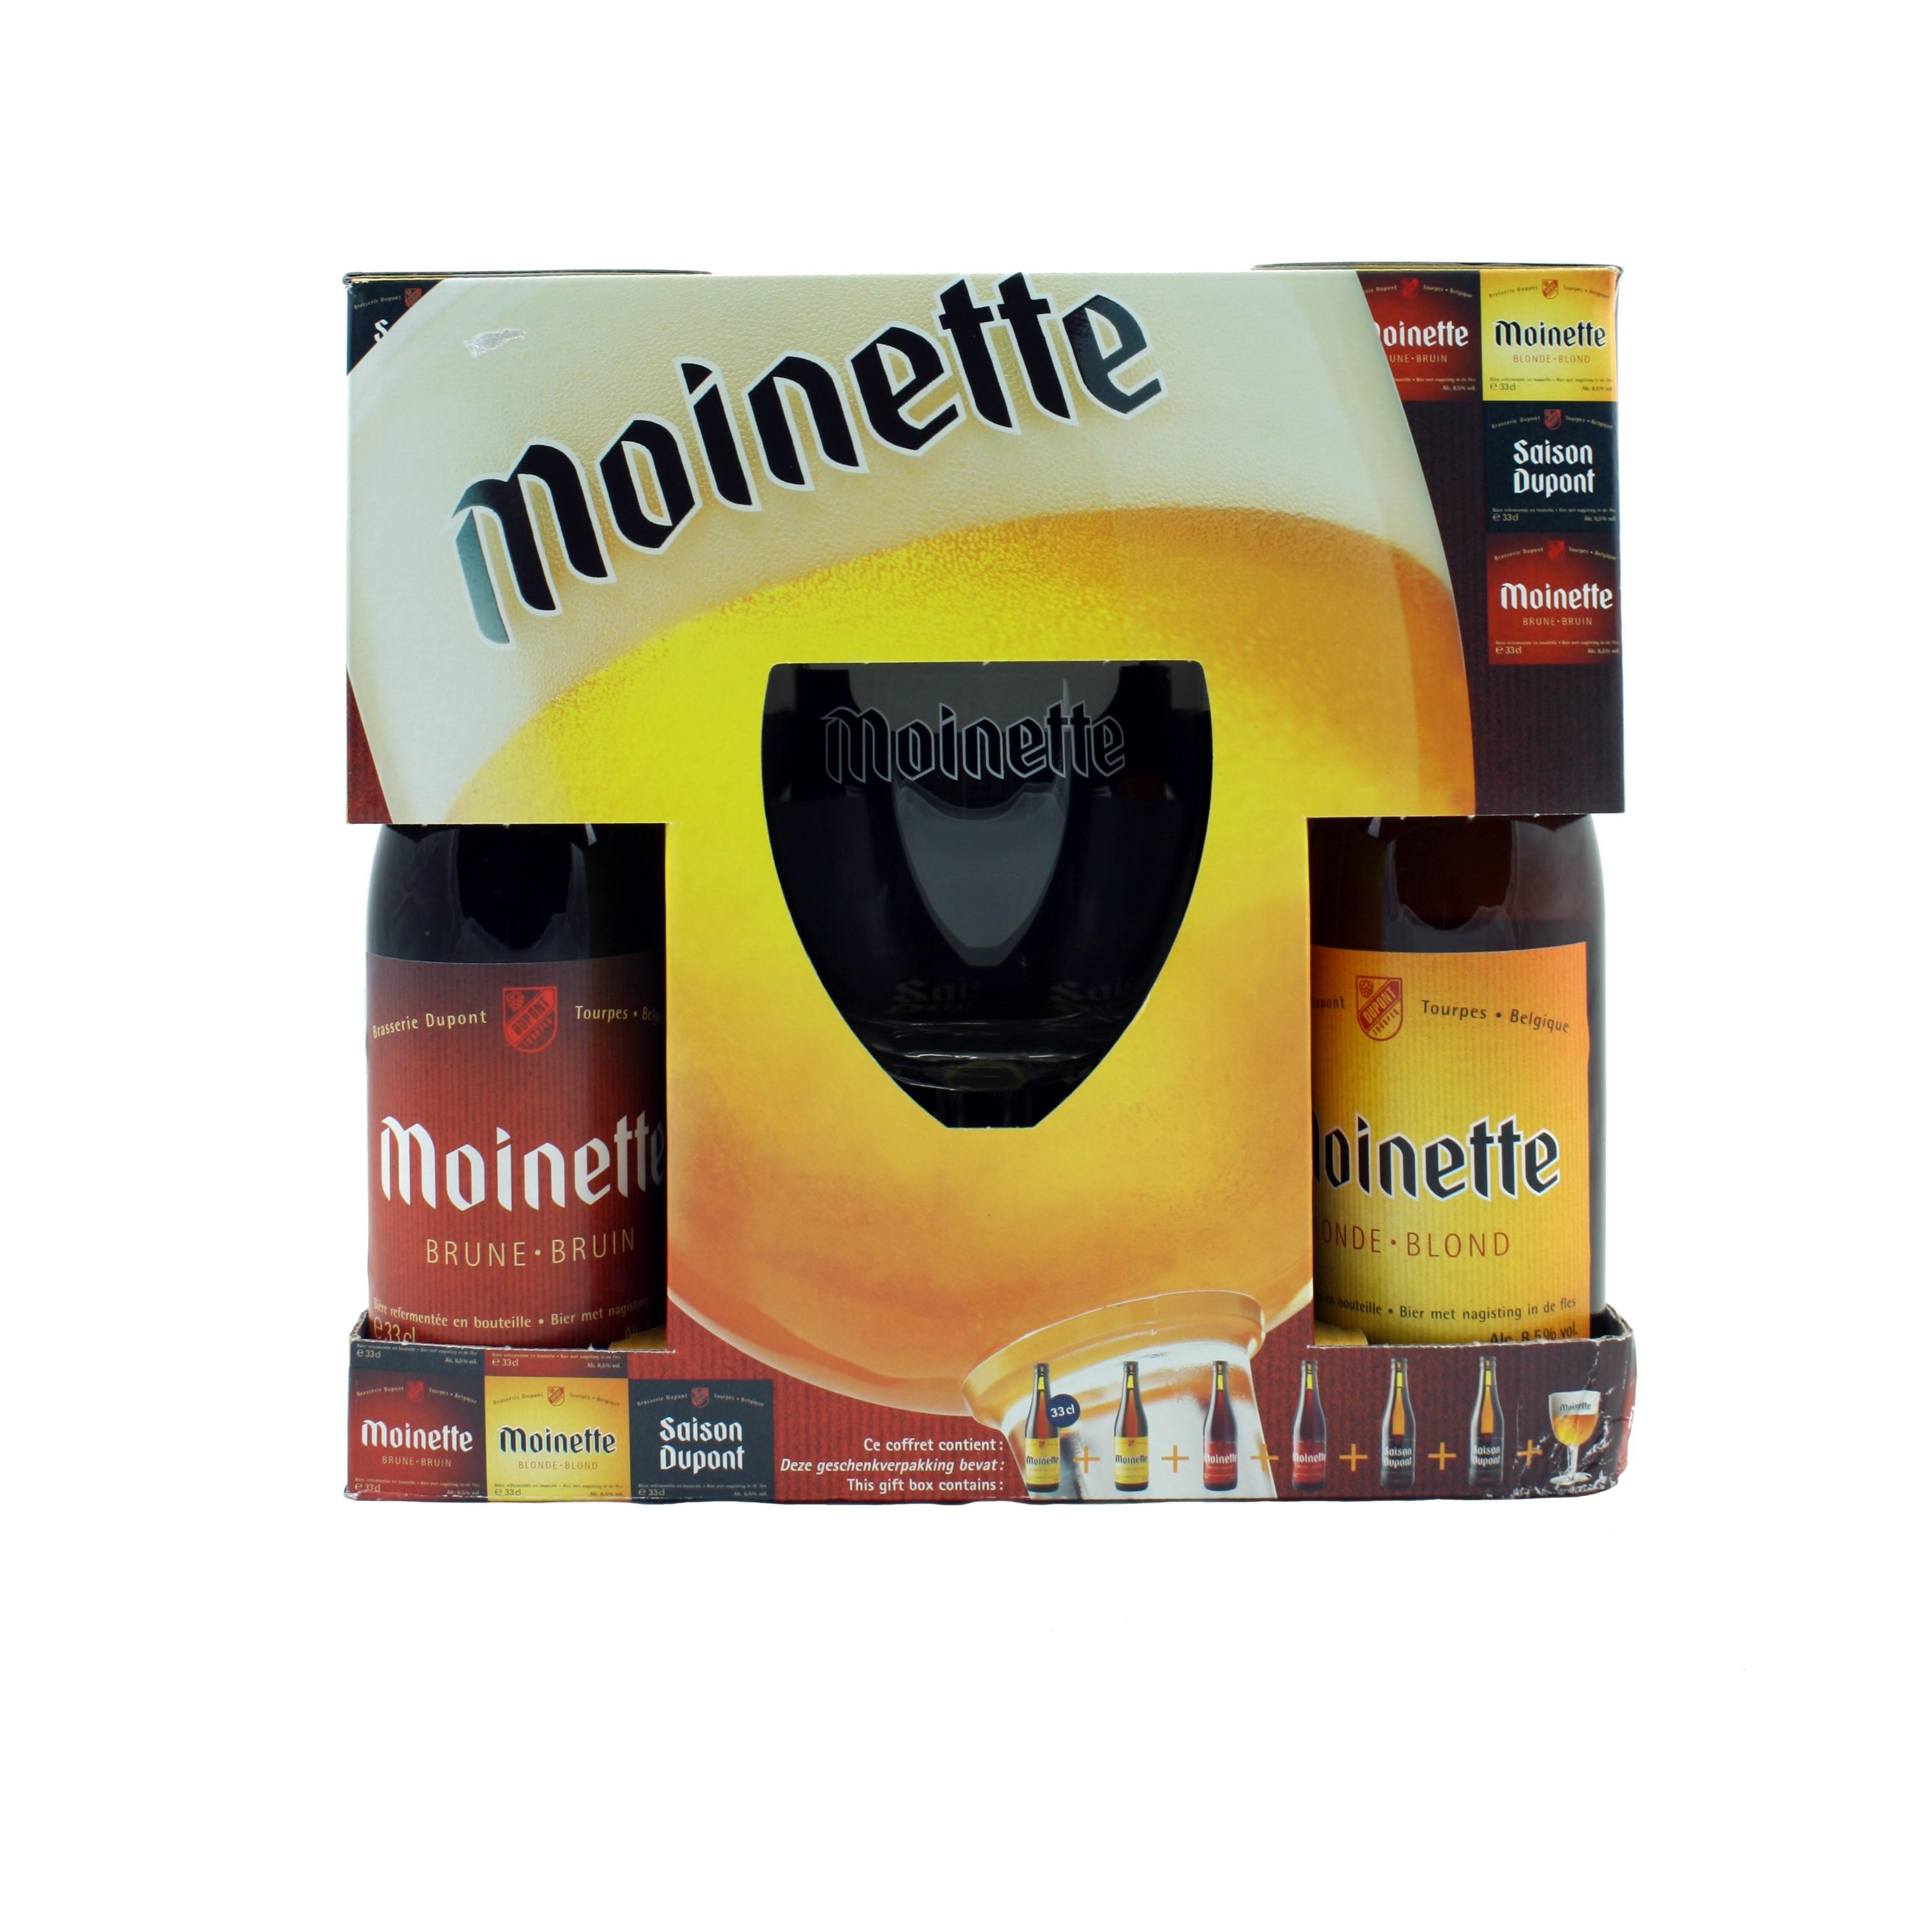 Coffret Moinette 6x33 cl + 1 verre